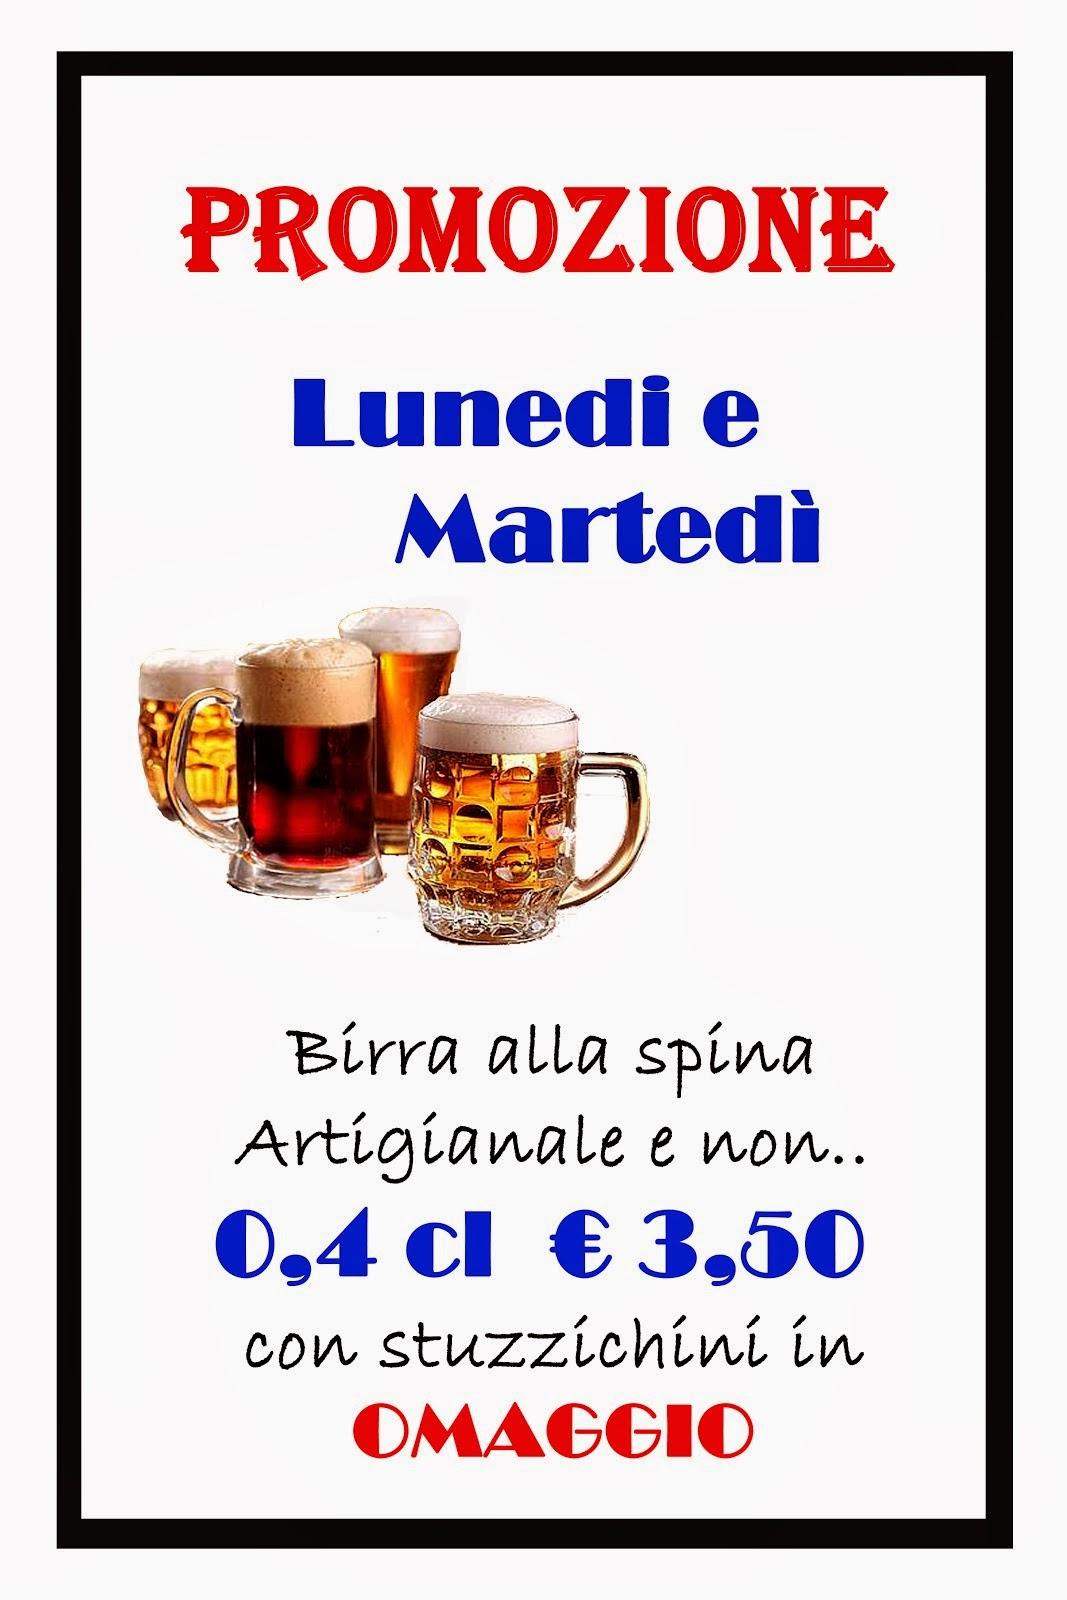 tutti i lunedi e martedi birra alla spina 0,4cl a 3,50 euro